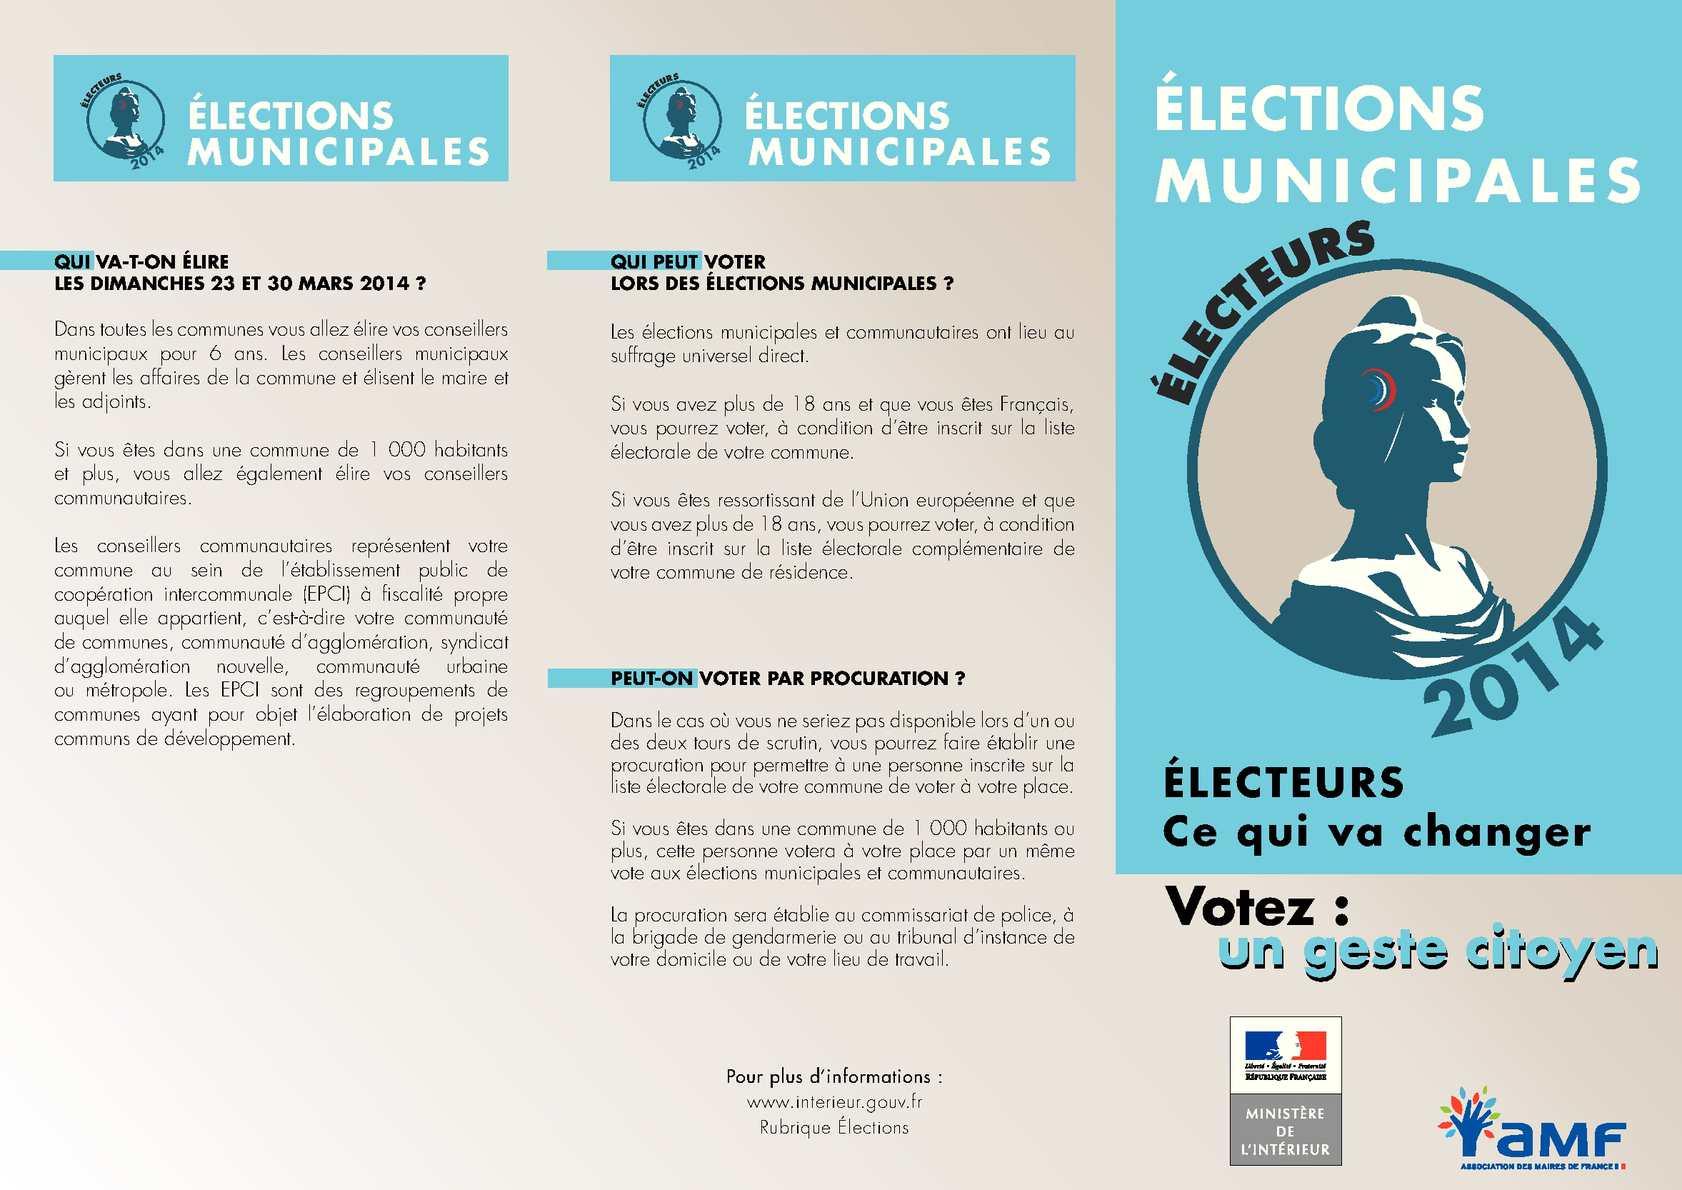 Calaméo - Elections